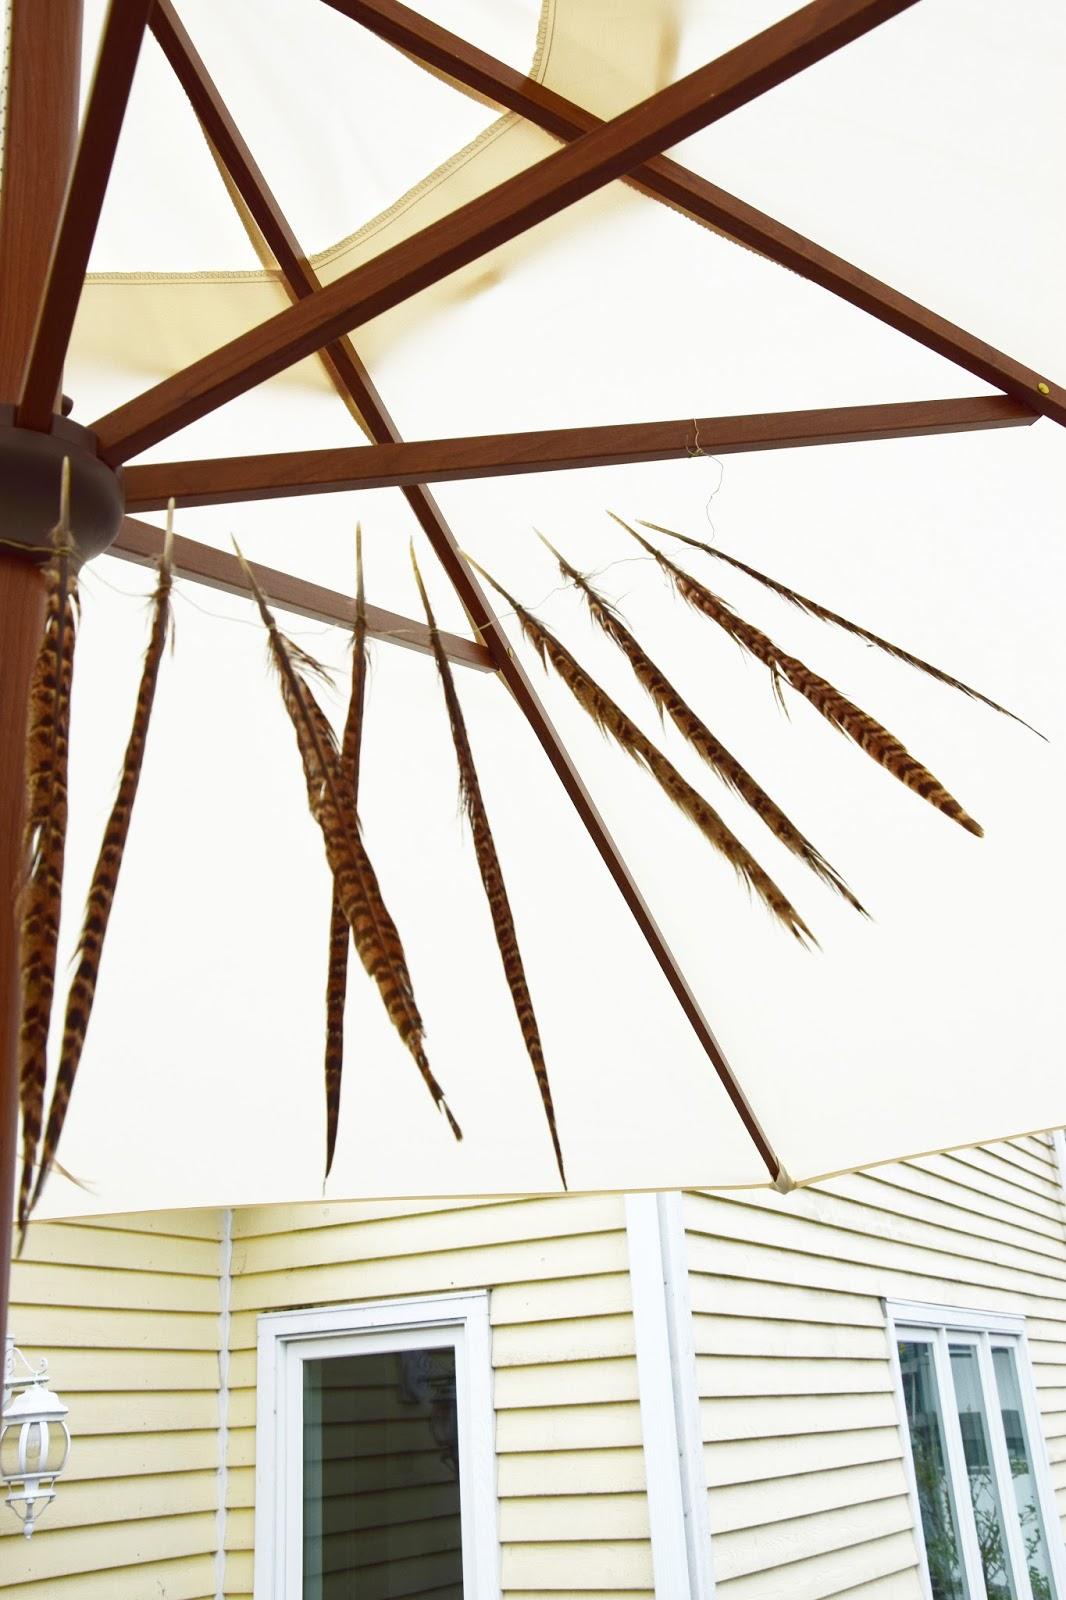 DIY Deko aus Federn für den Sonnenschirm. Girlande Federgirlande selbermachen aus Federn und Draht. Boho Style Deko Dekoidee Balkon Terrasse Garten Sonnenschutz